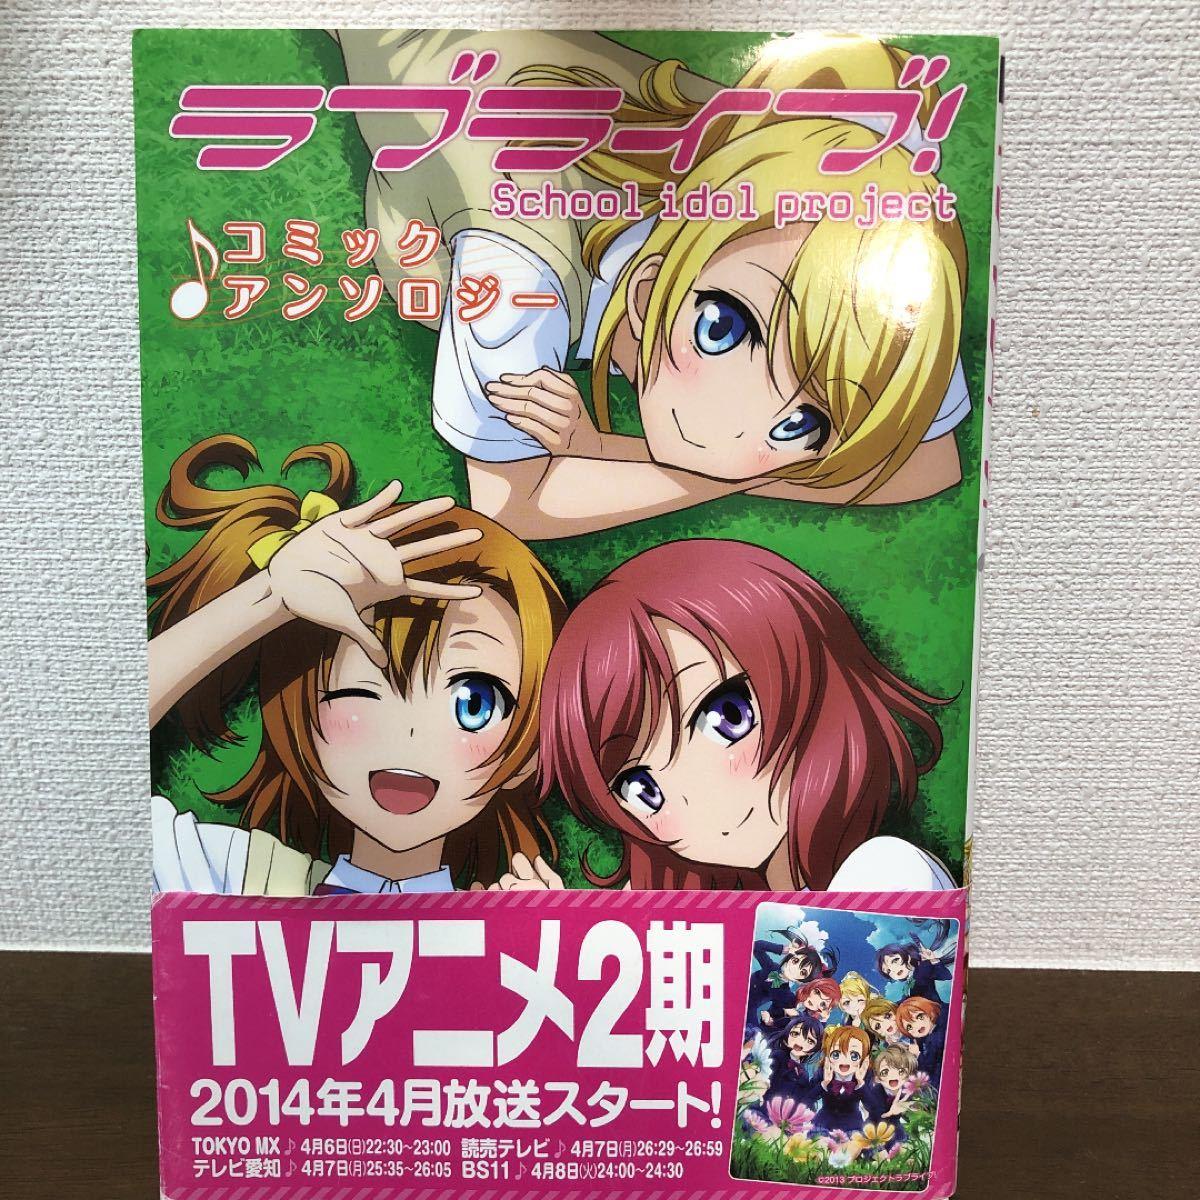 ラブライブ!コミックアンソロジー School idol project